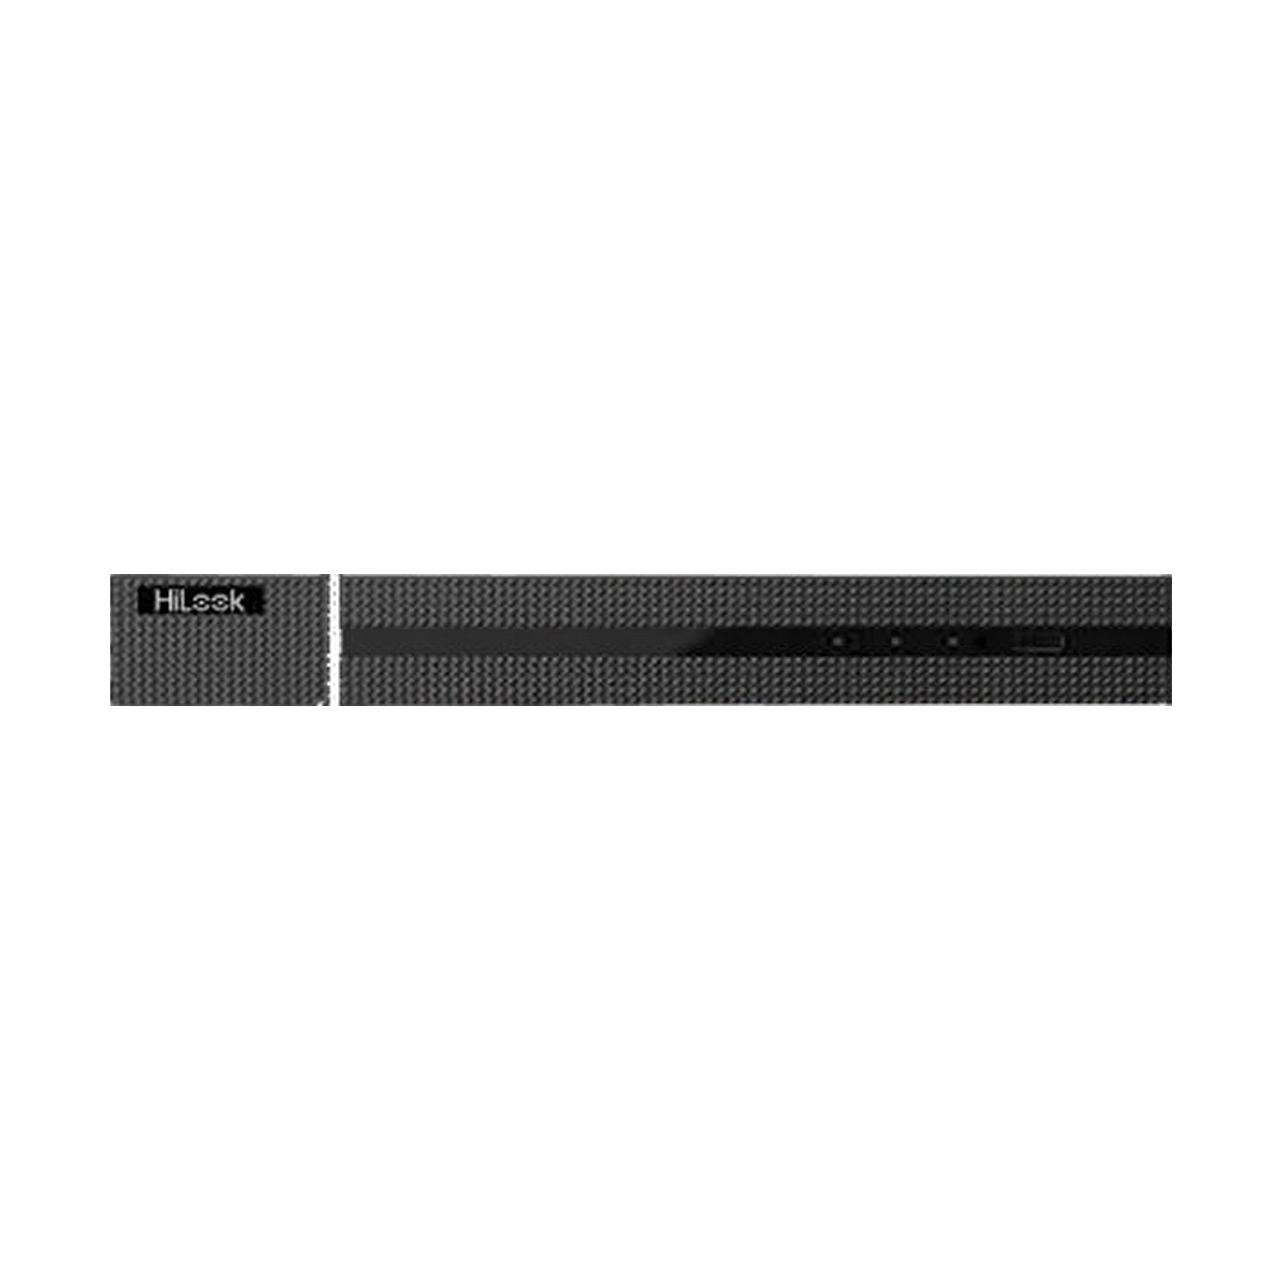 ضبط کننده دی وی ار 16 کانال مدل DVR-216U-F2 برند HiLook